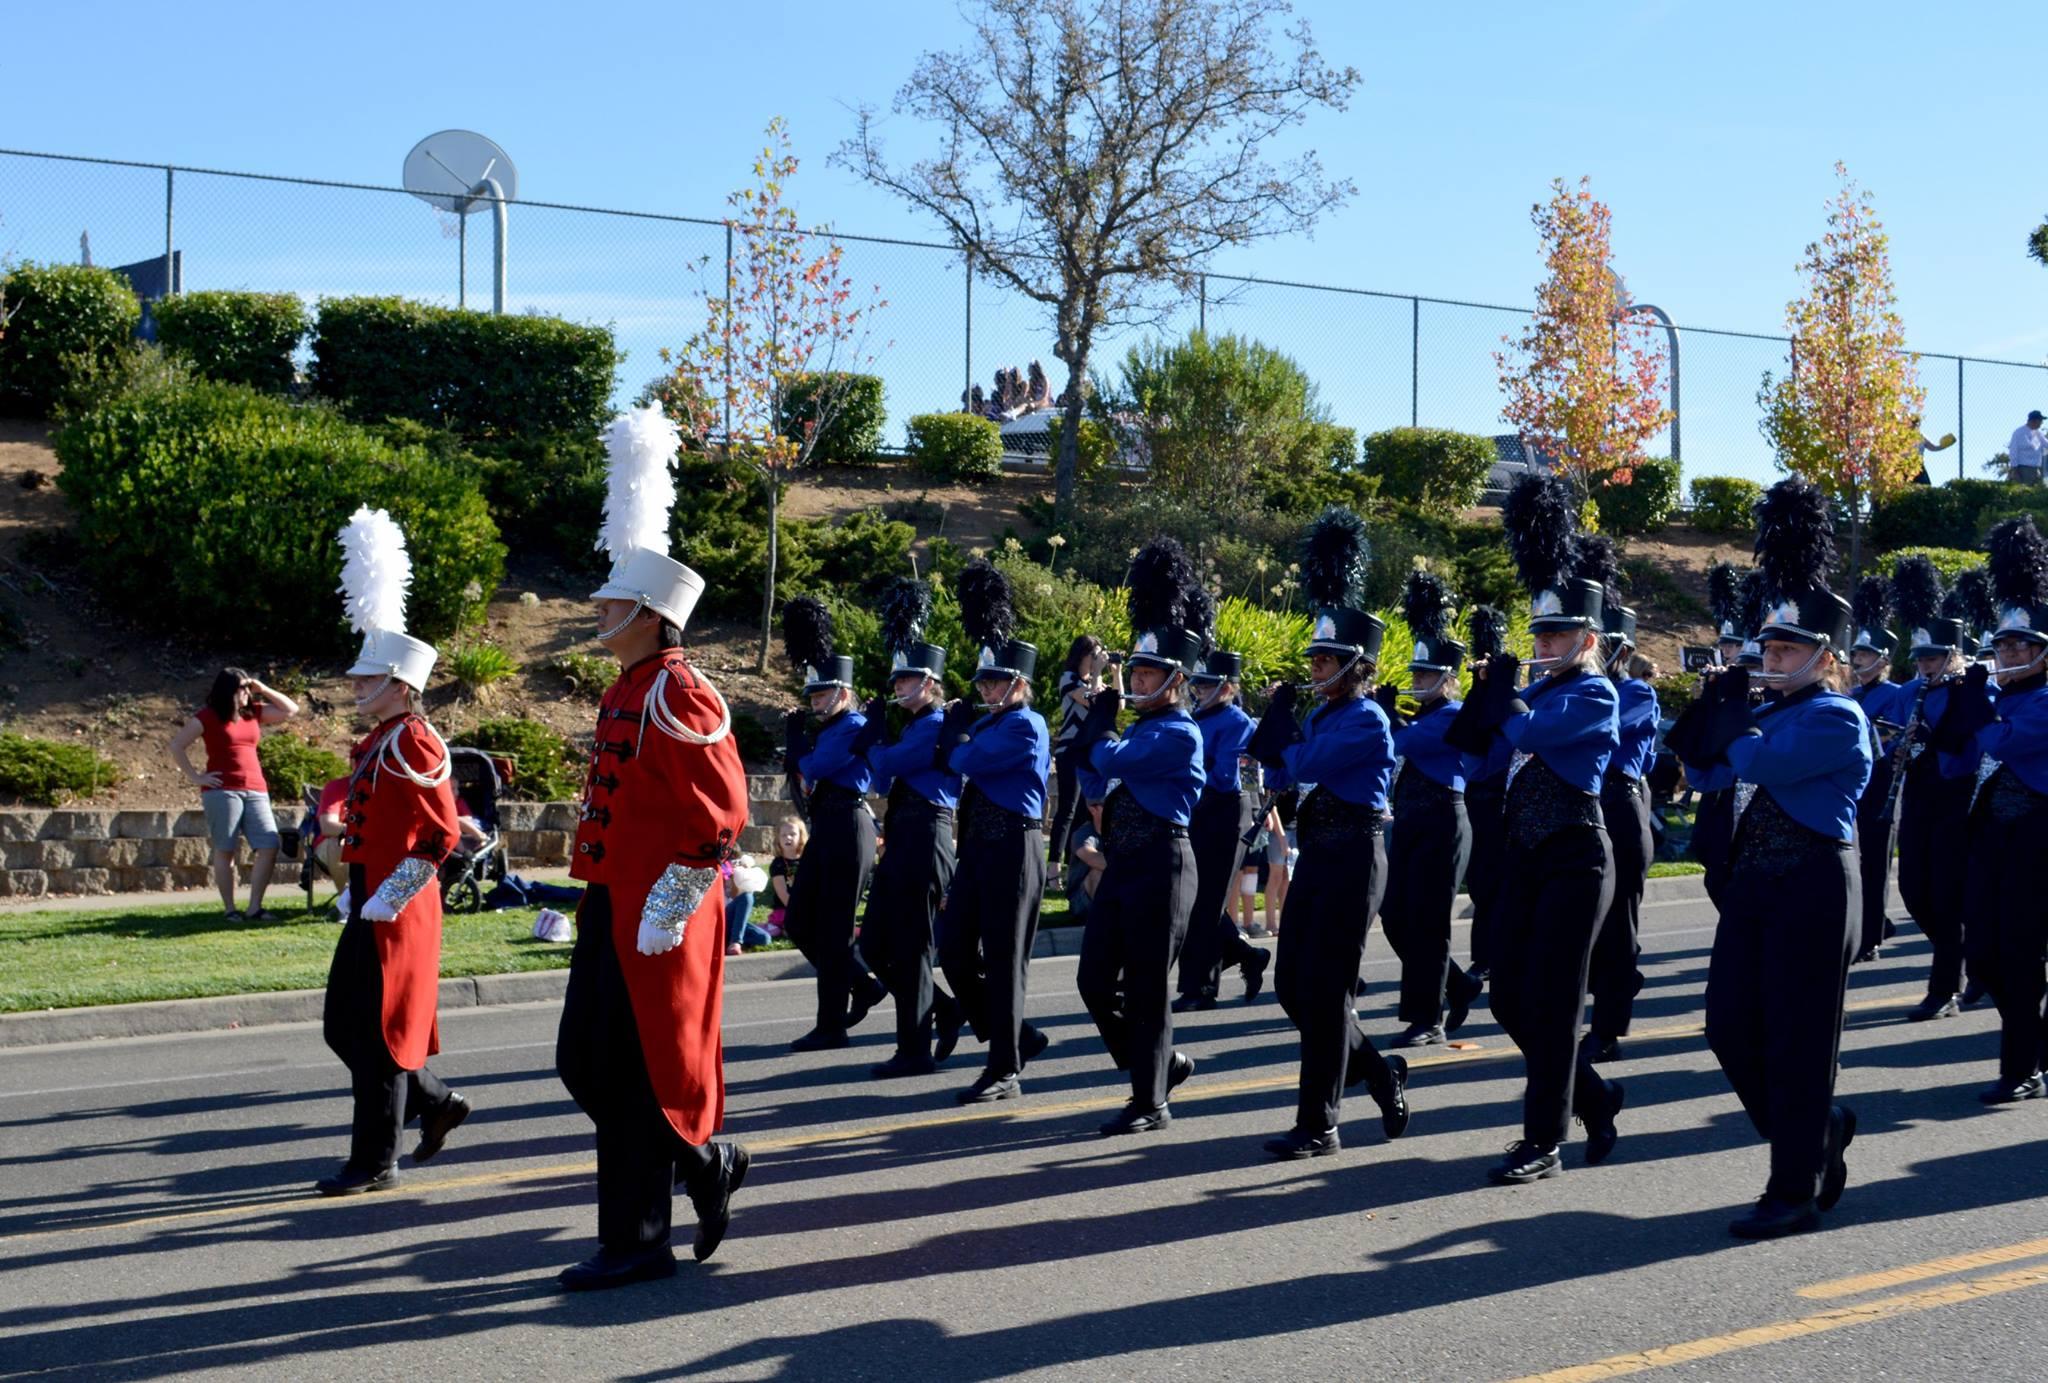 MB homecoming parade 2016.band with majors.jpg